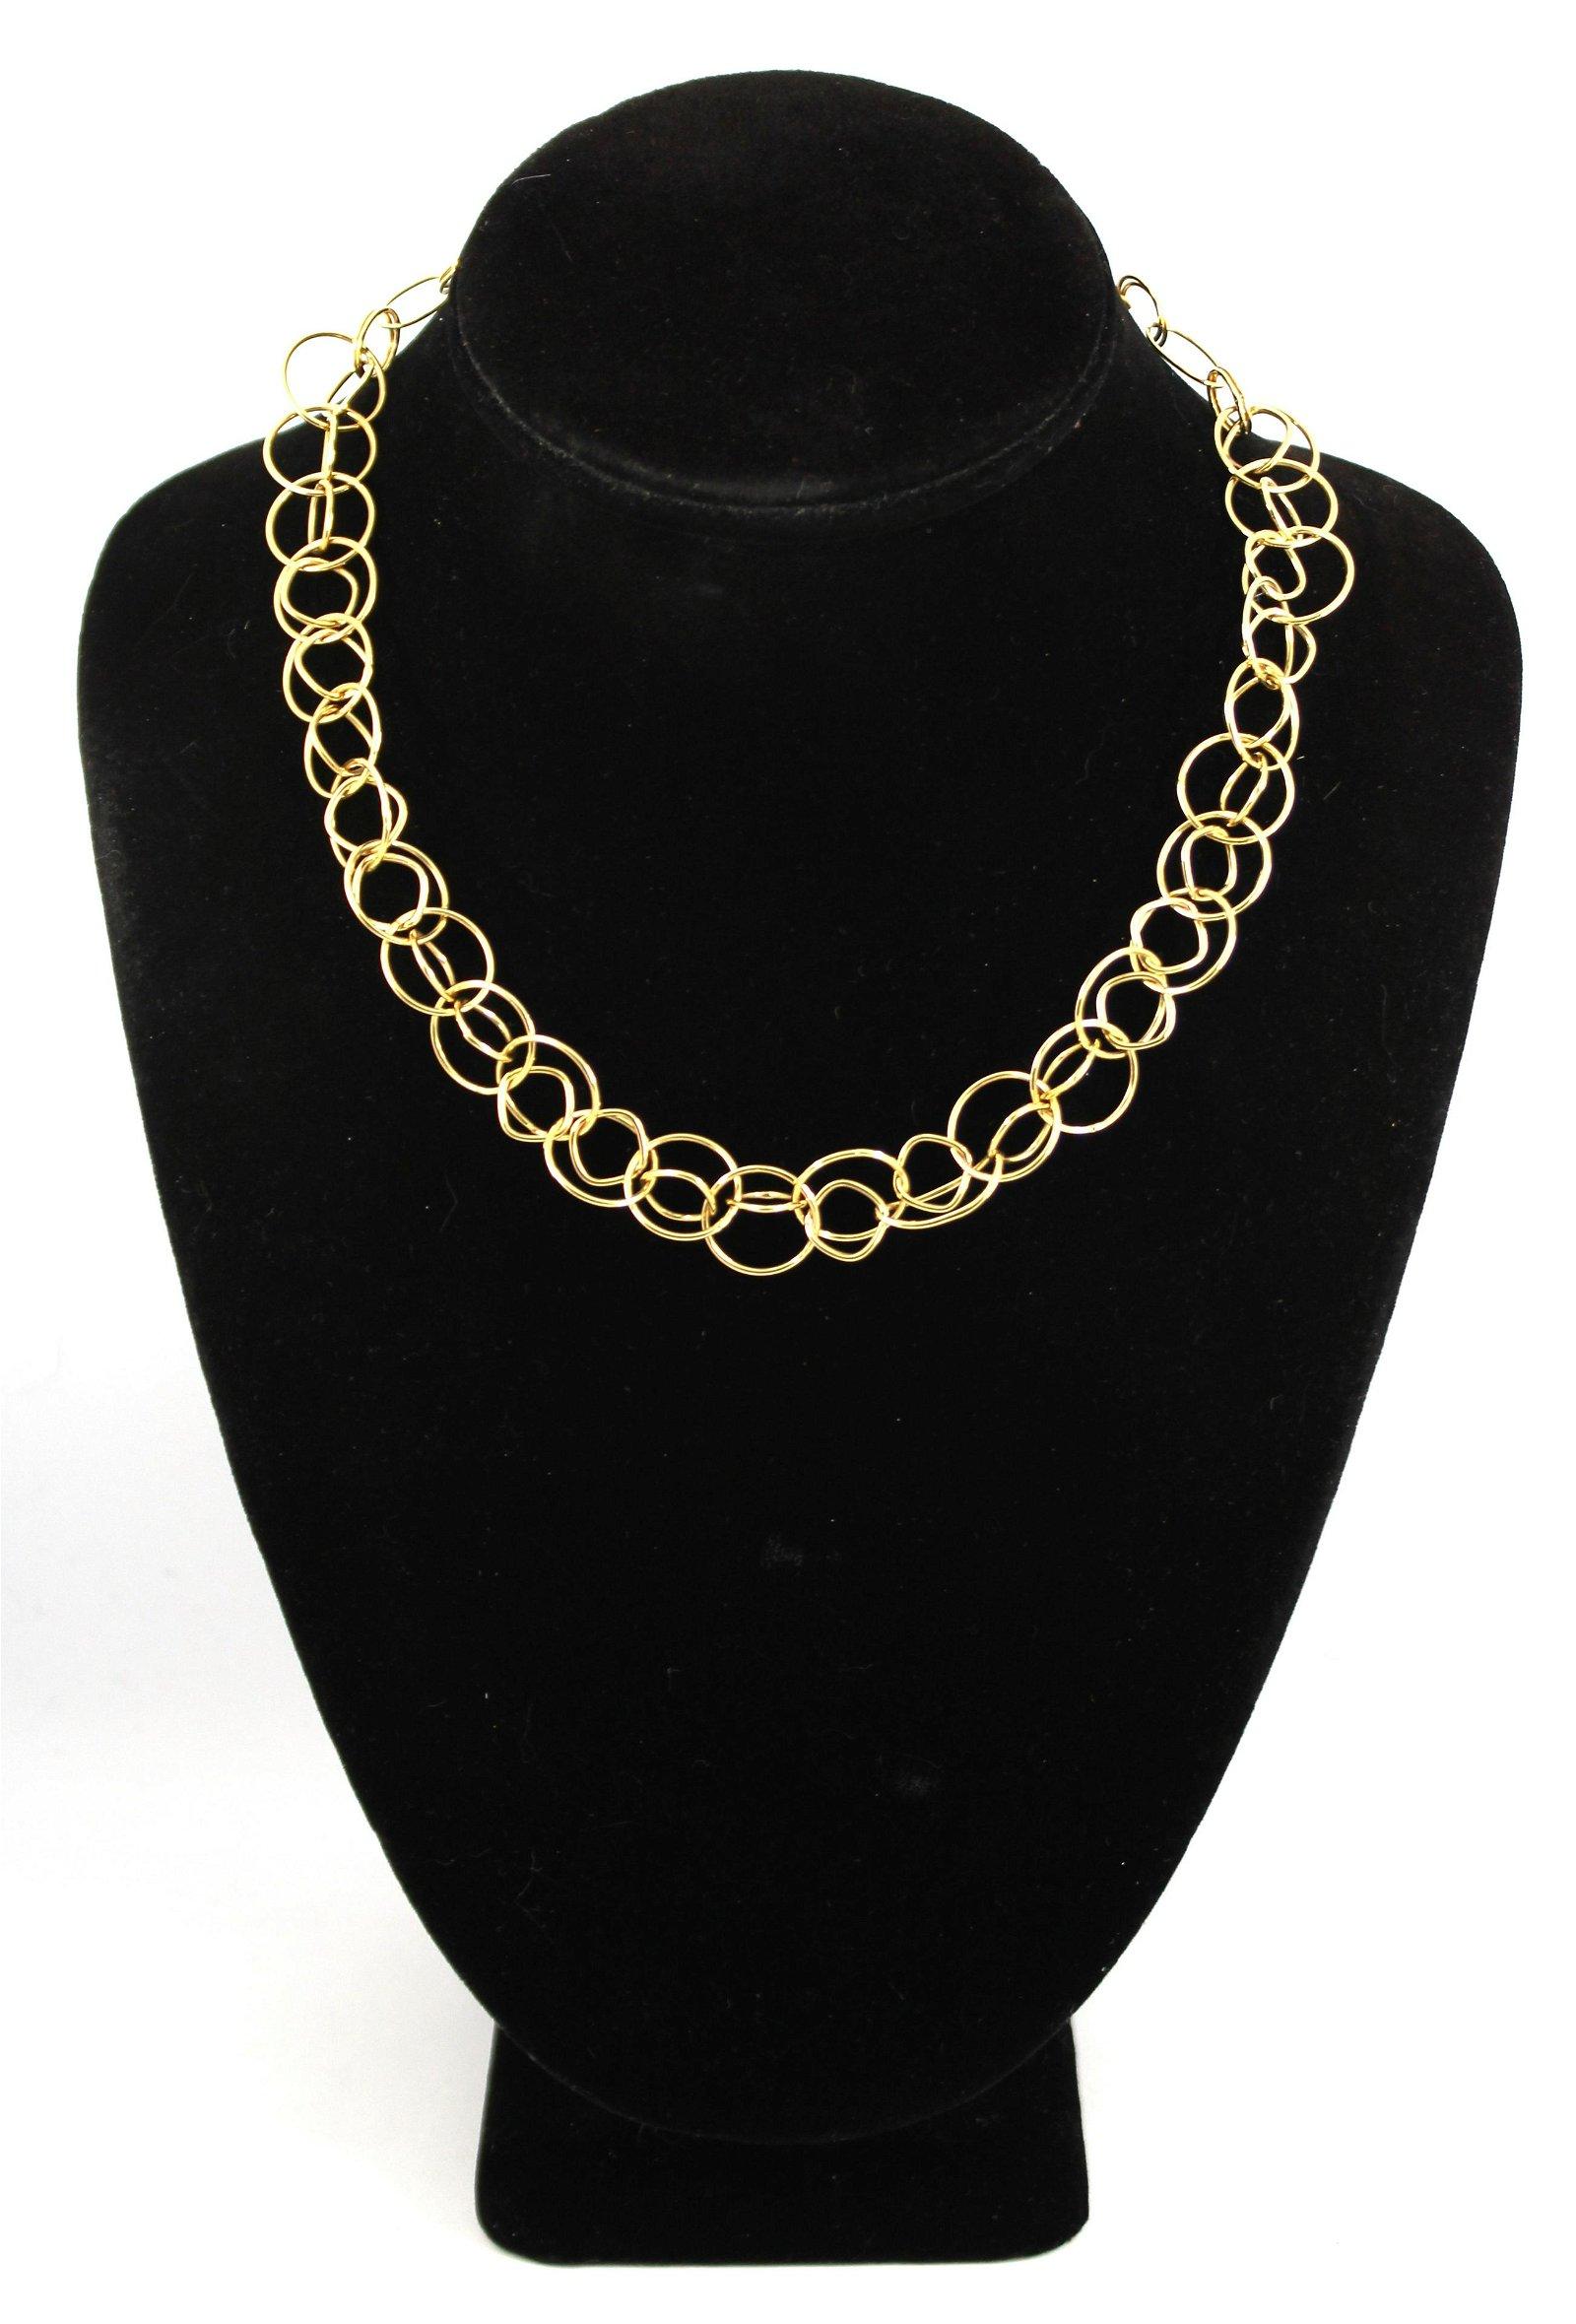 Italian 14K Yellow Gold Double Link Chain Choker